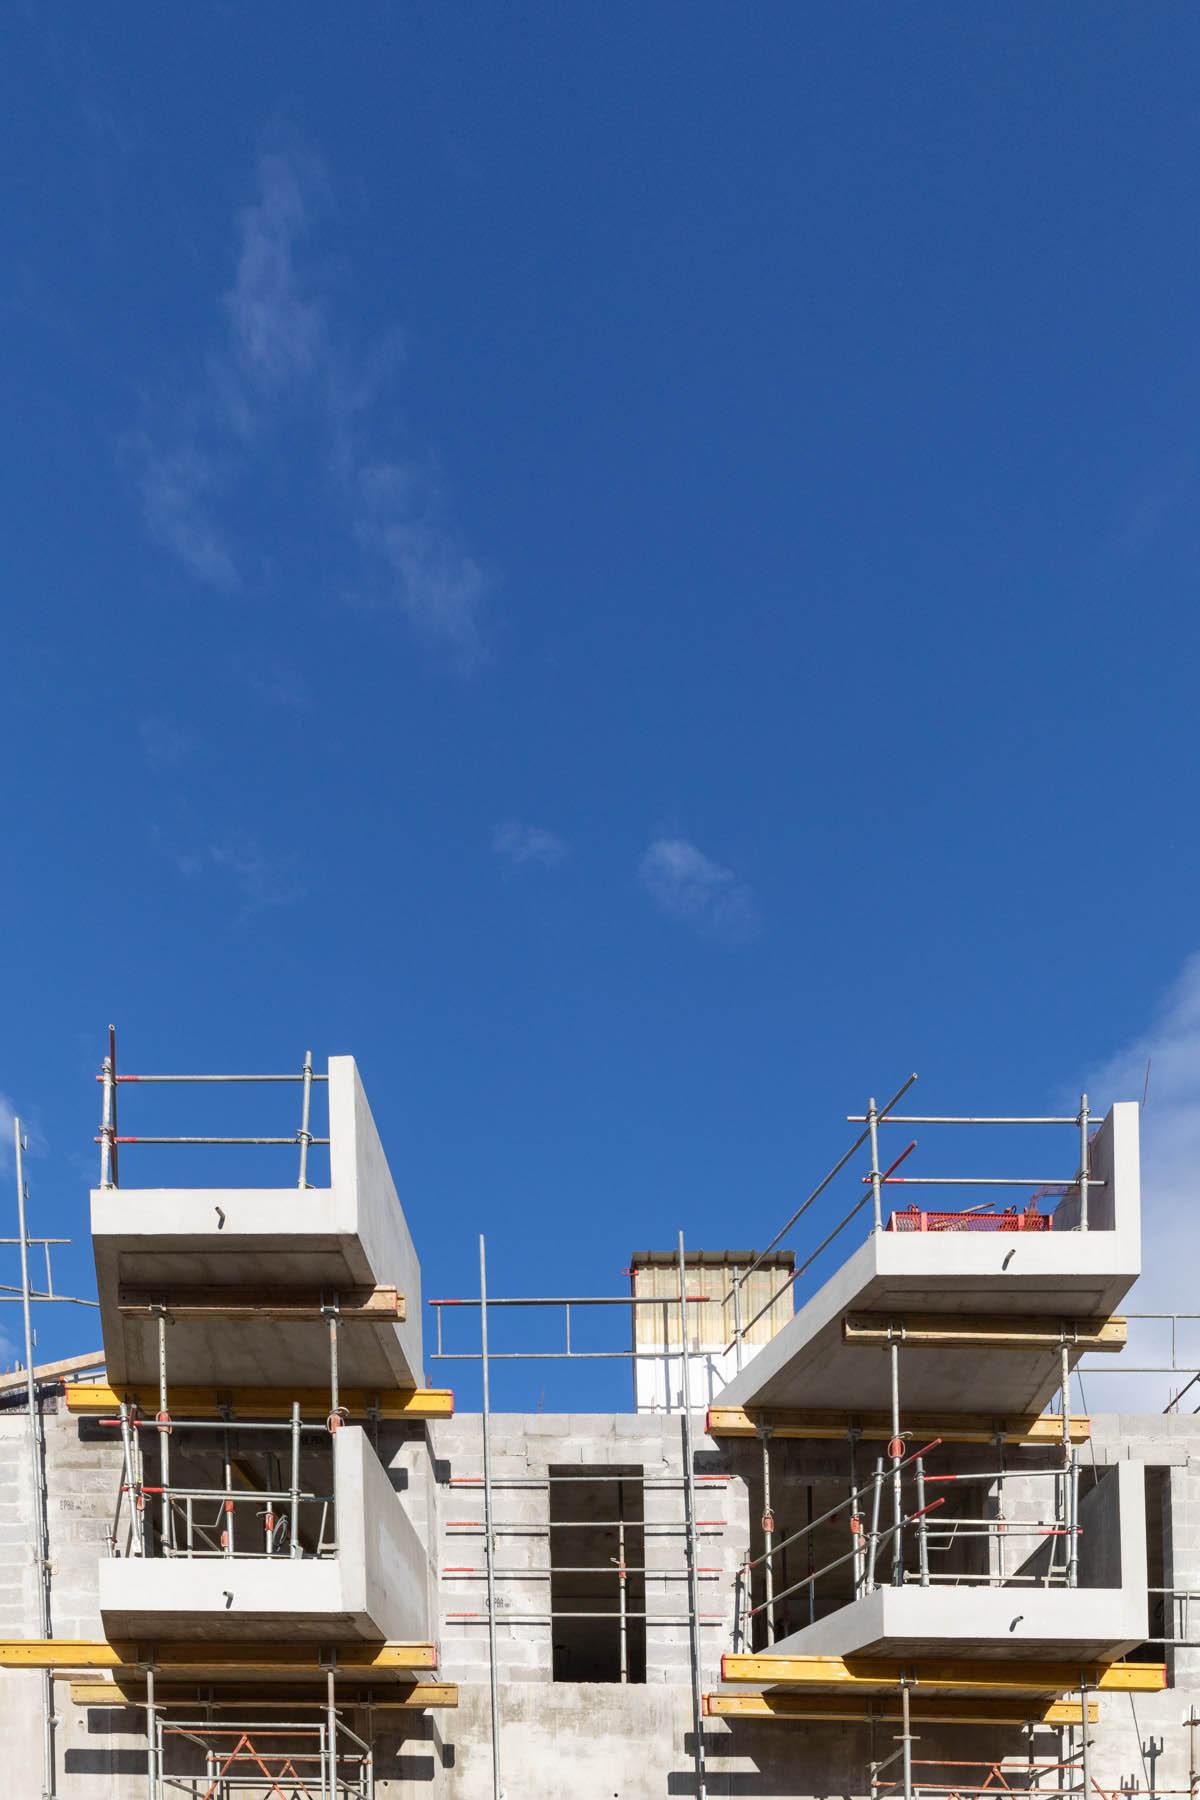 photo de suivi de chantier au pays basque par Carole photographe d'entreprise